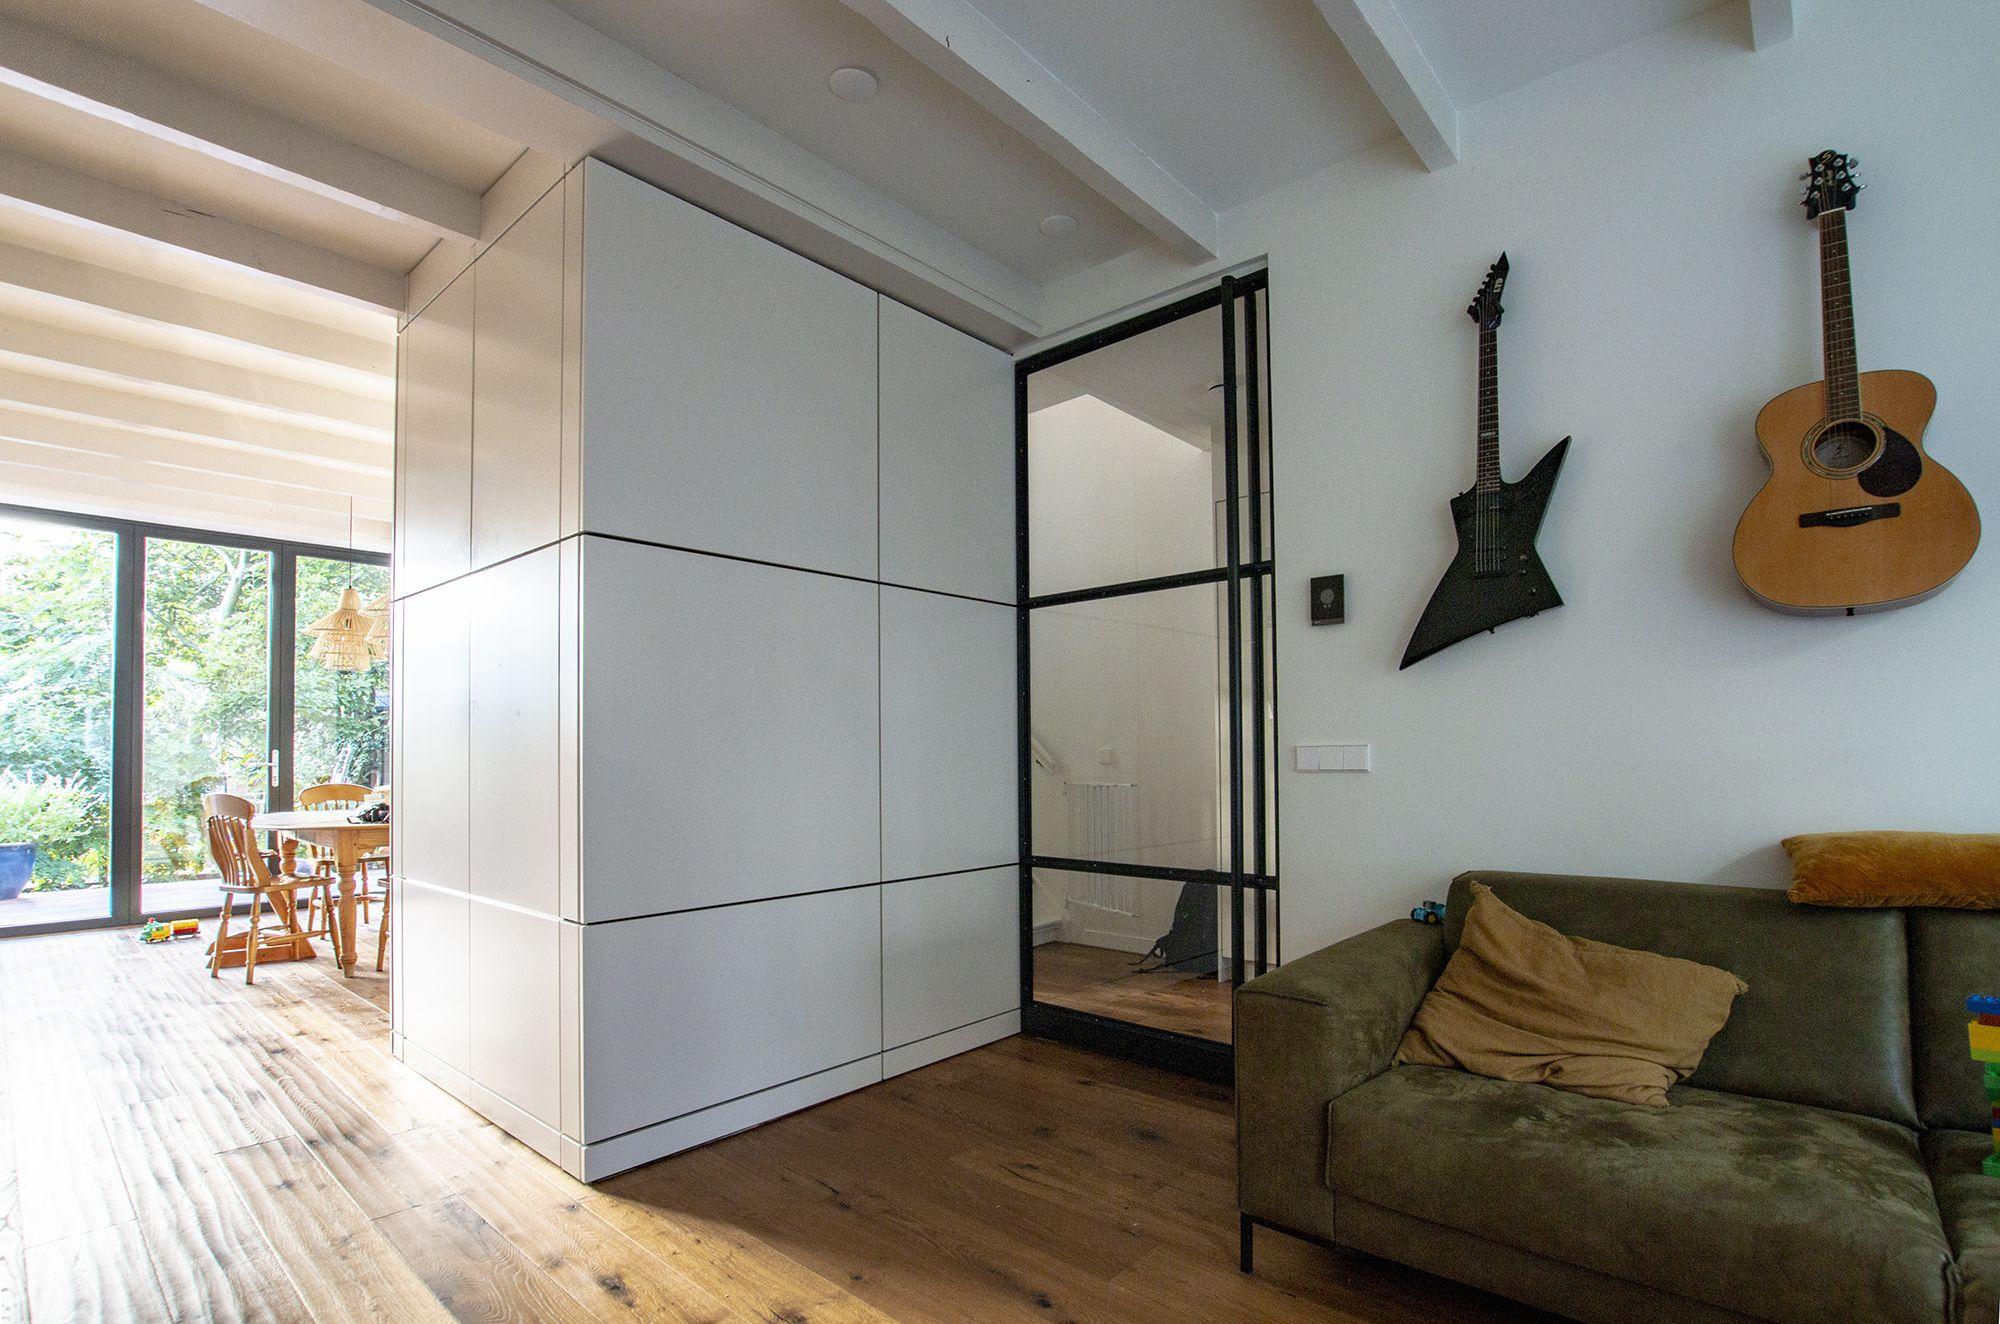 Interieur Verbouwing Hoekpand : Verbouwing interieur amsterdams herenhuis met glazen pui en stalen